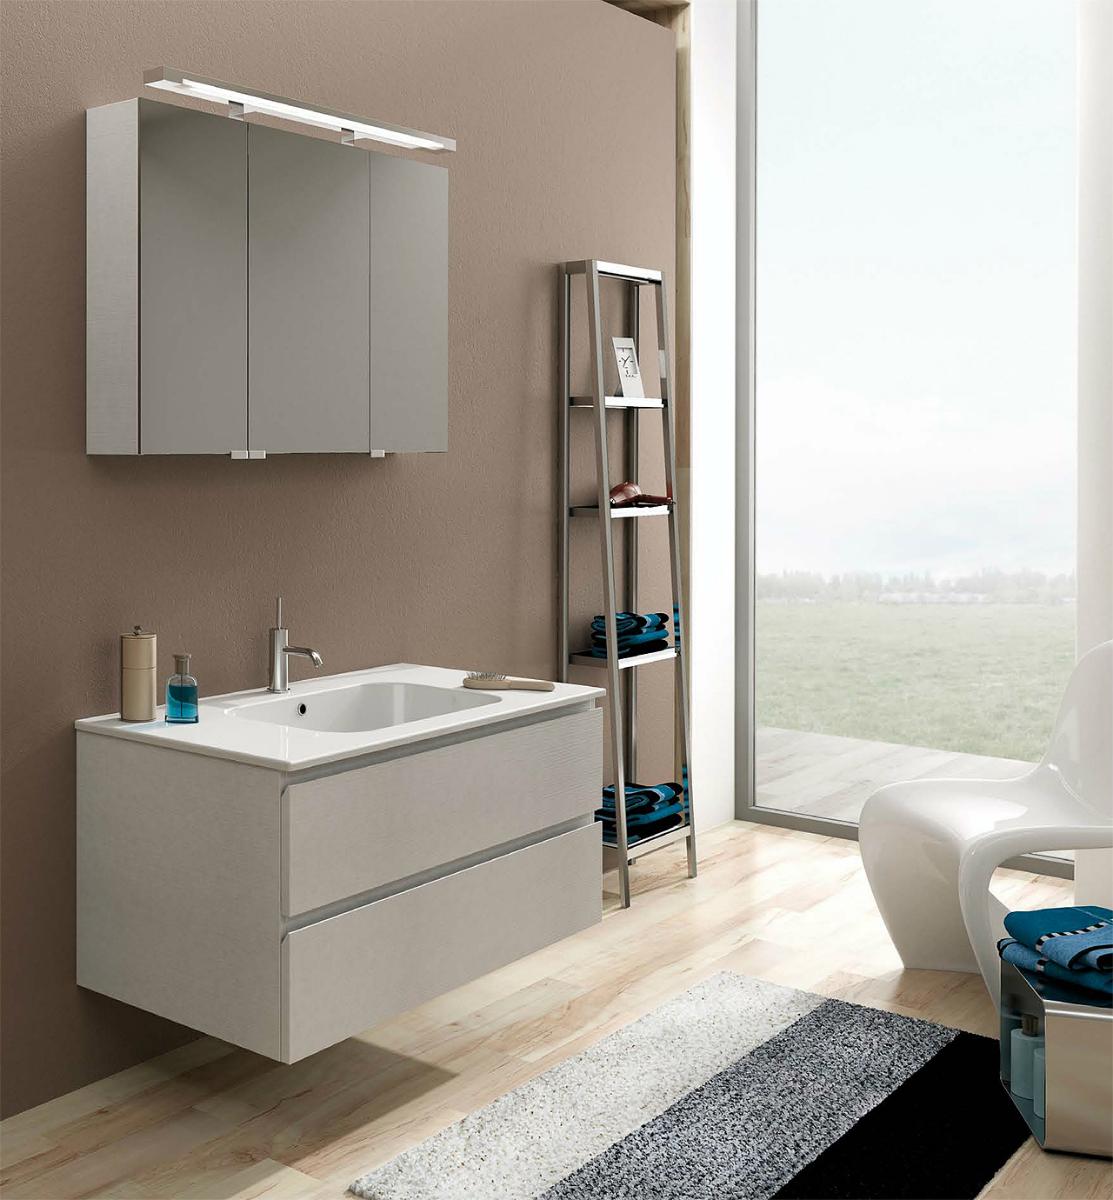 Prodotti sintesibagno i prodotti per il bagno selezionati da sintesibagno mobili componibili - Punto tre arredo bagno ...